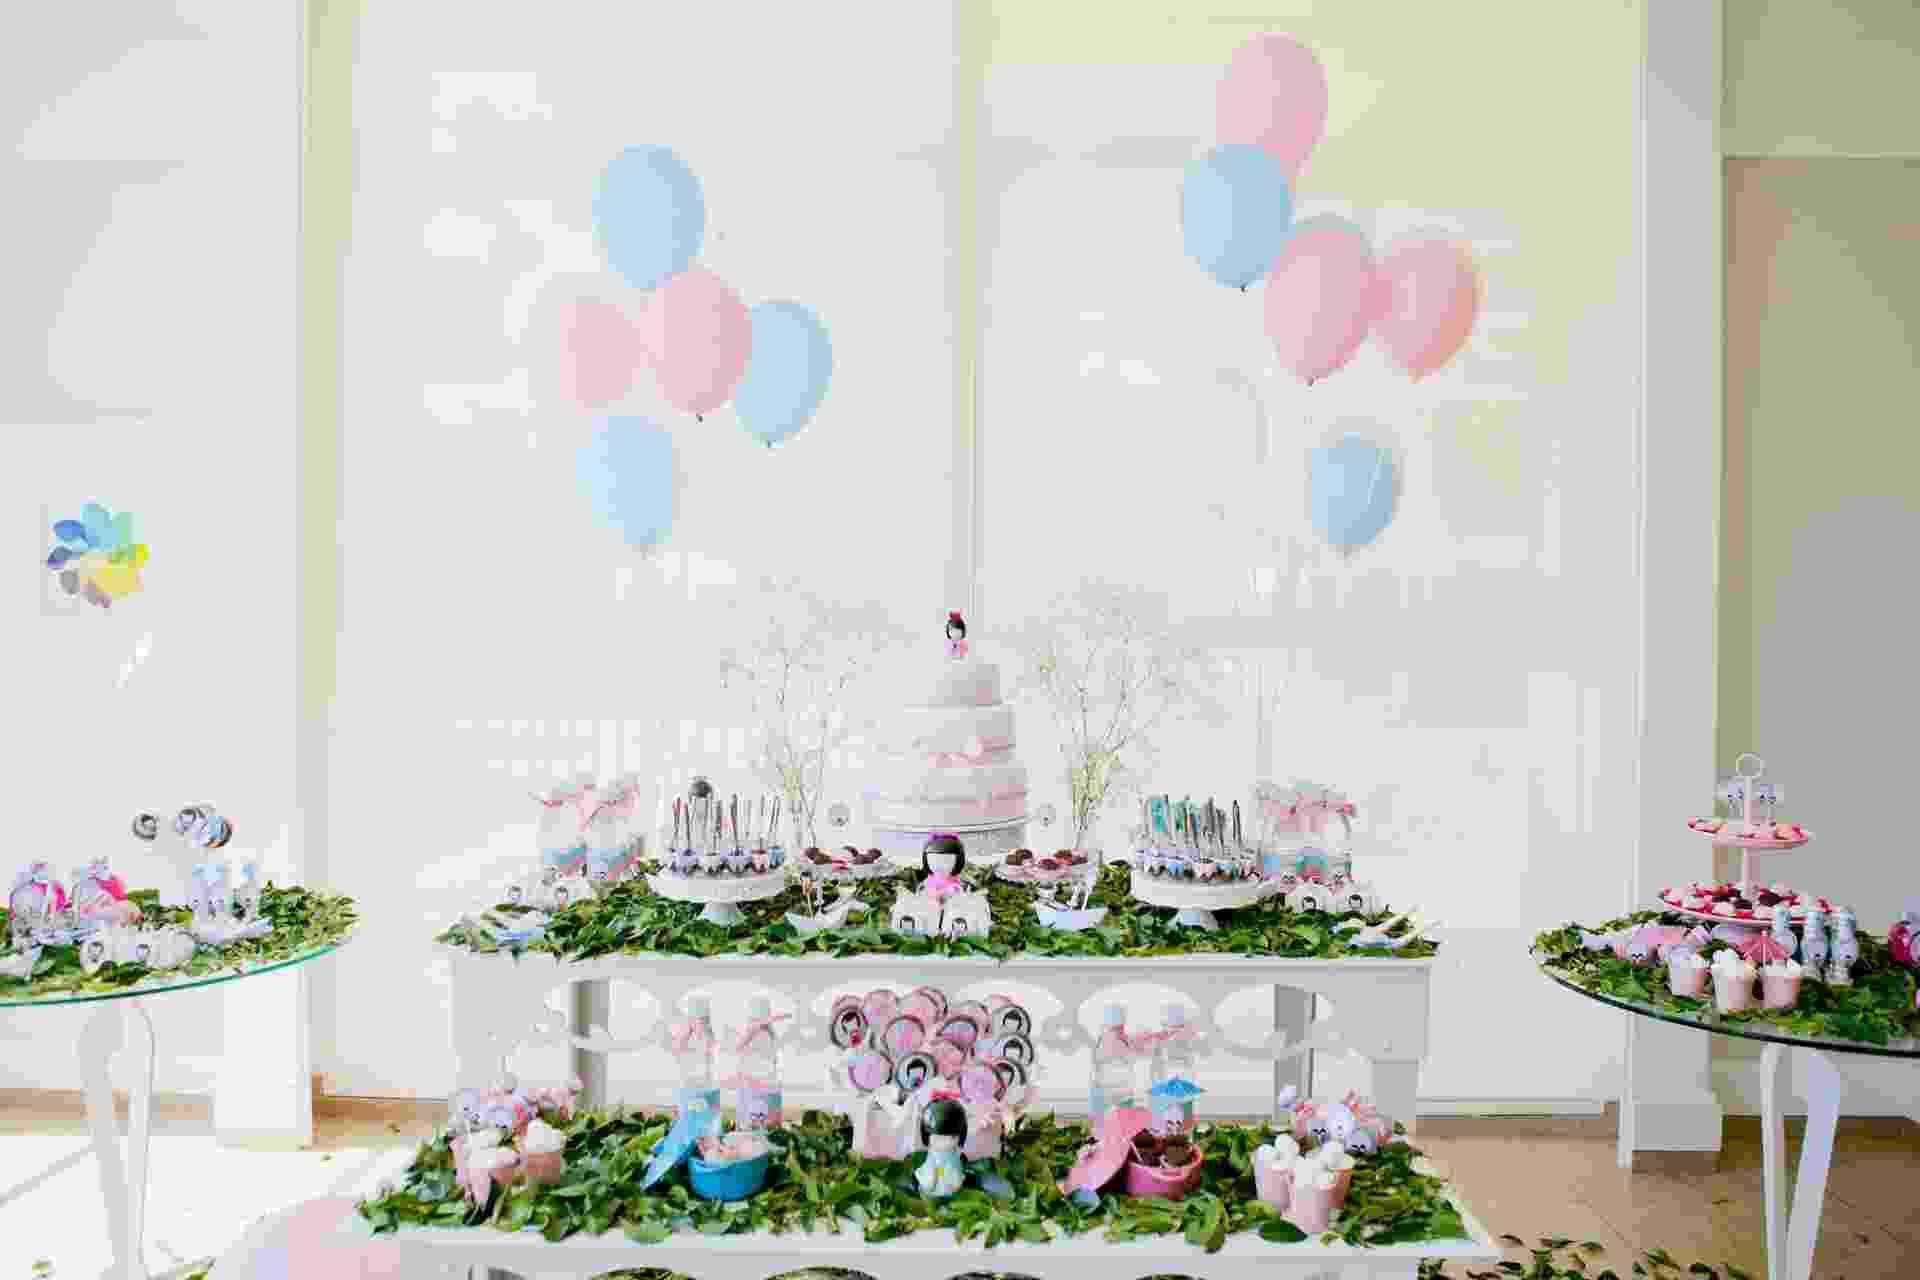 A pequena Helena, de um ano, ganhou uma festa inspirada na boneca japonesa Kokeshi. A decoração foi idealizada pela Oficina de Arte Lizu (www.oficinalizu.com.br) - Julie Campanholi/Divulgação